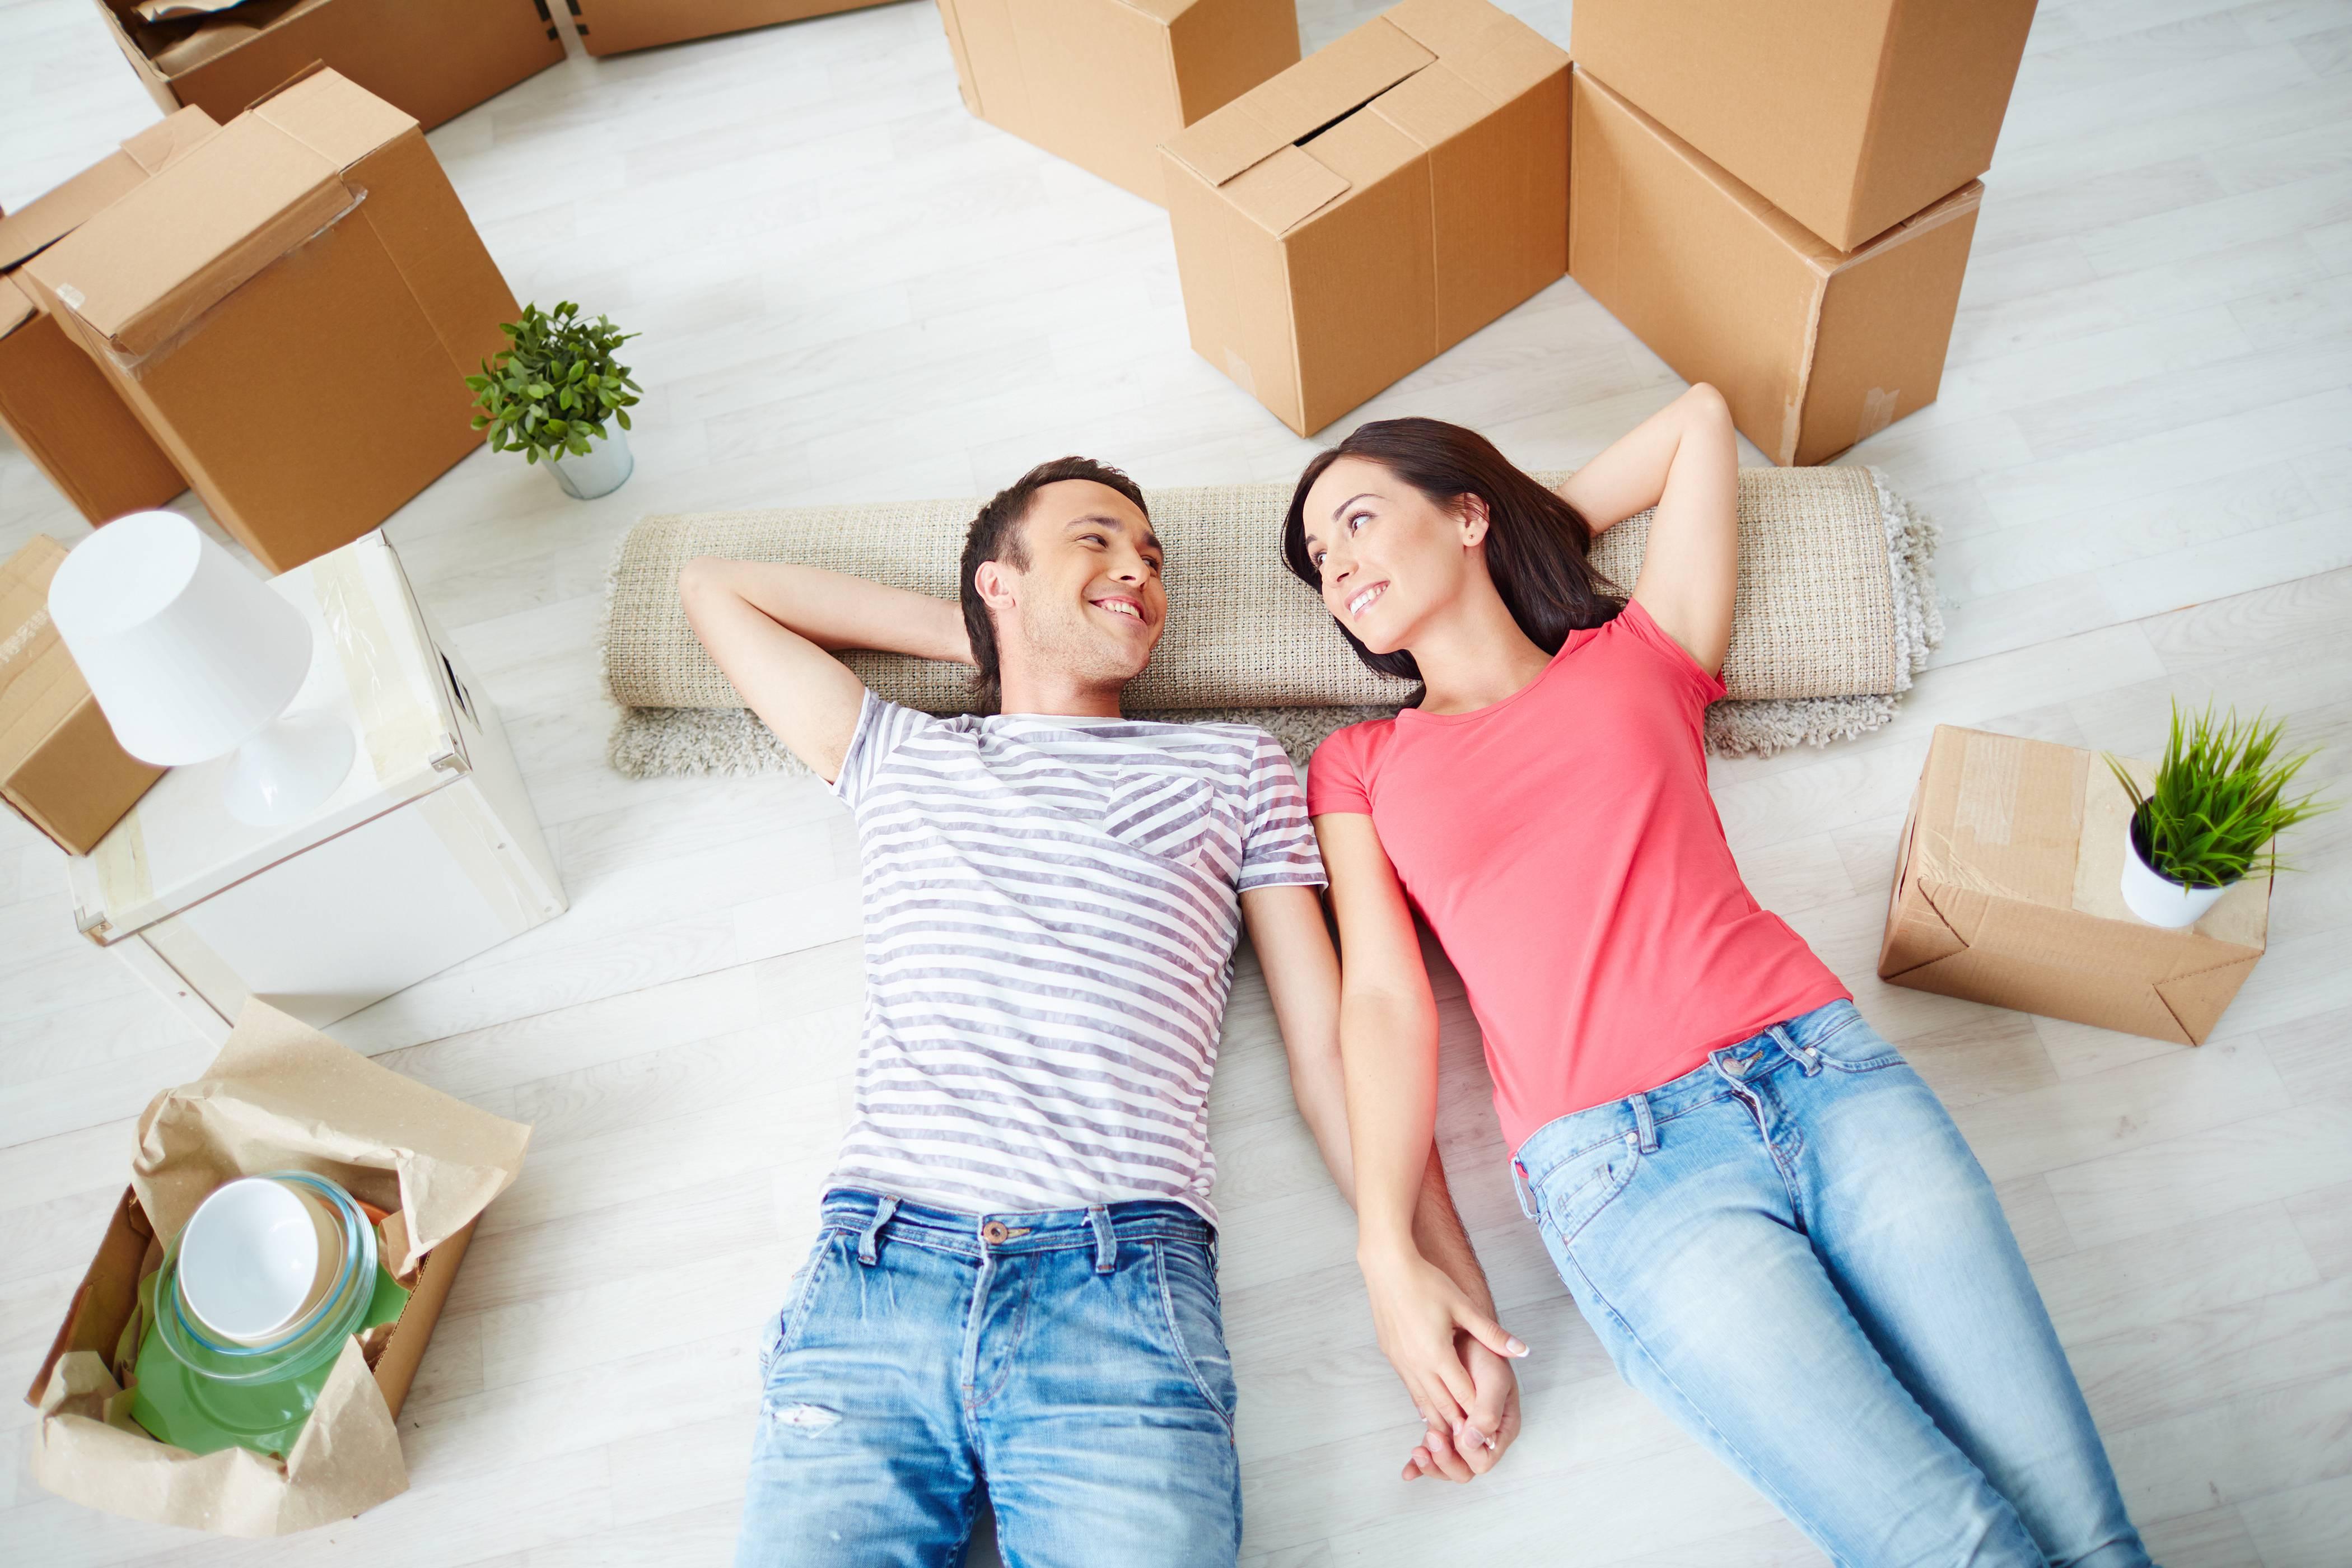 Выгодные инвестиции: покупка квартиры в петербурге для сдачи в аренду